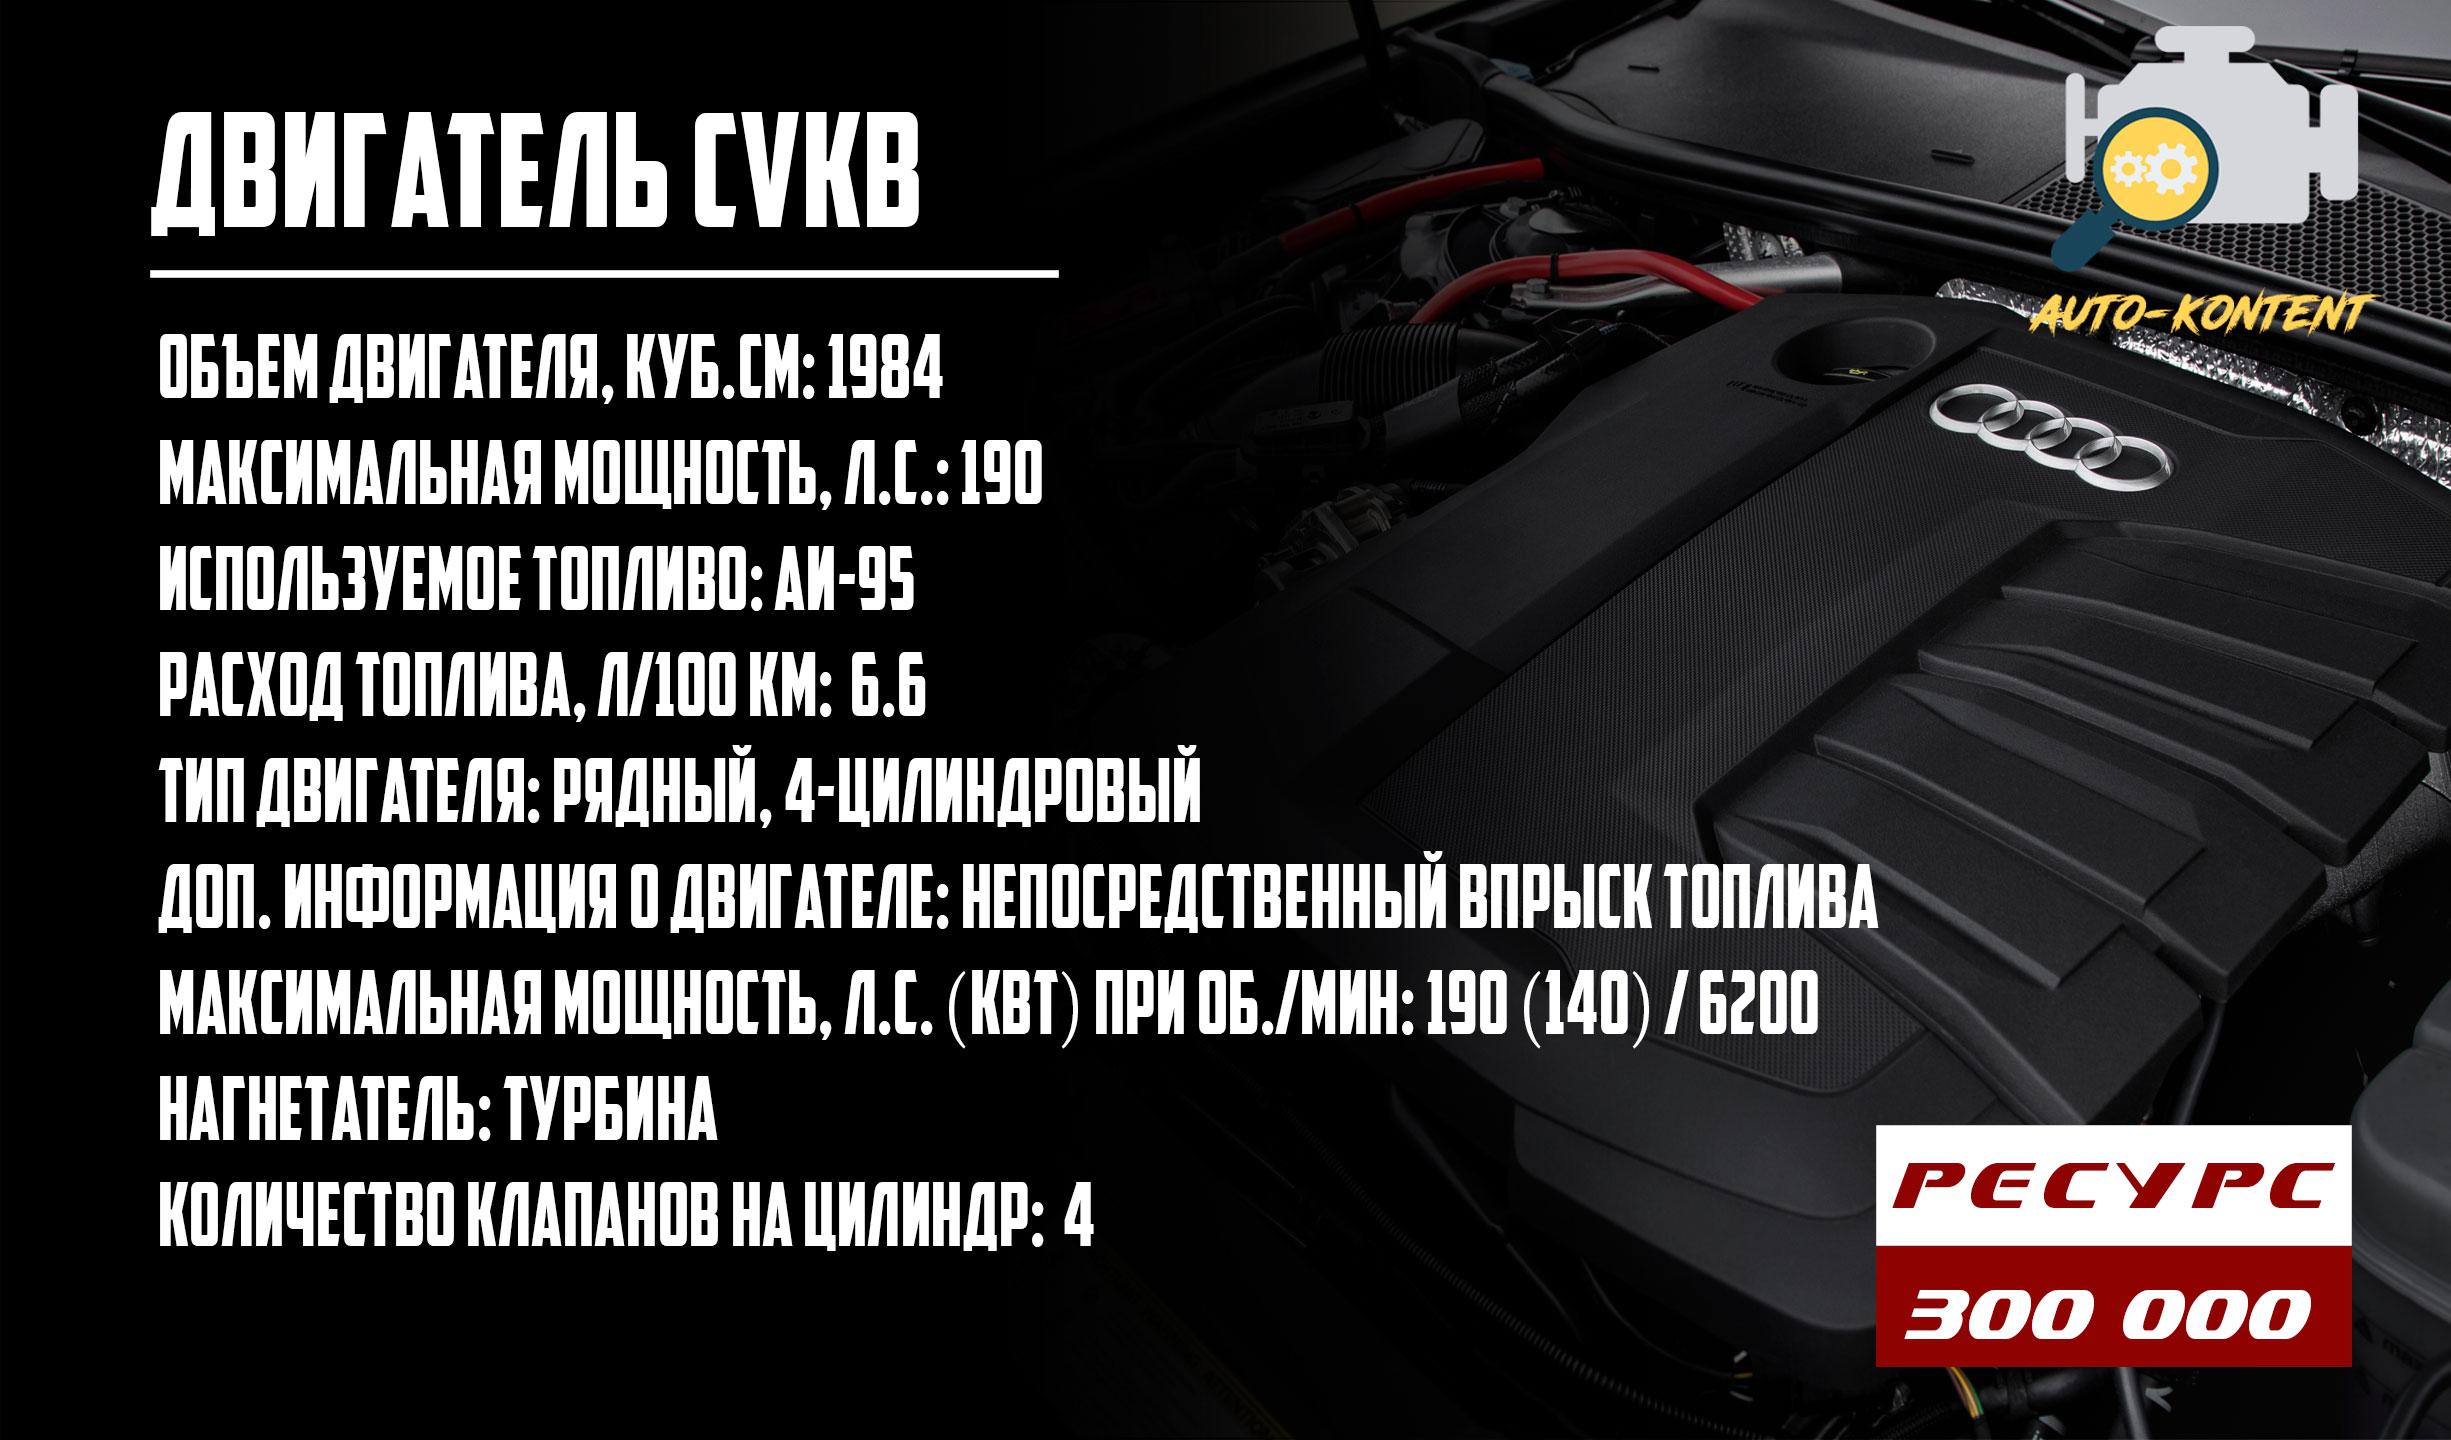 двигатель CVKB